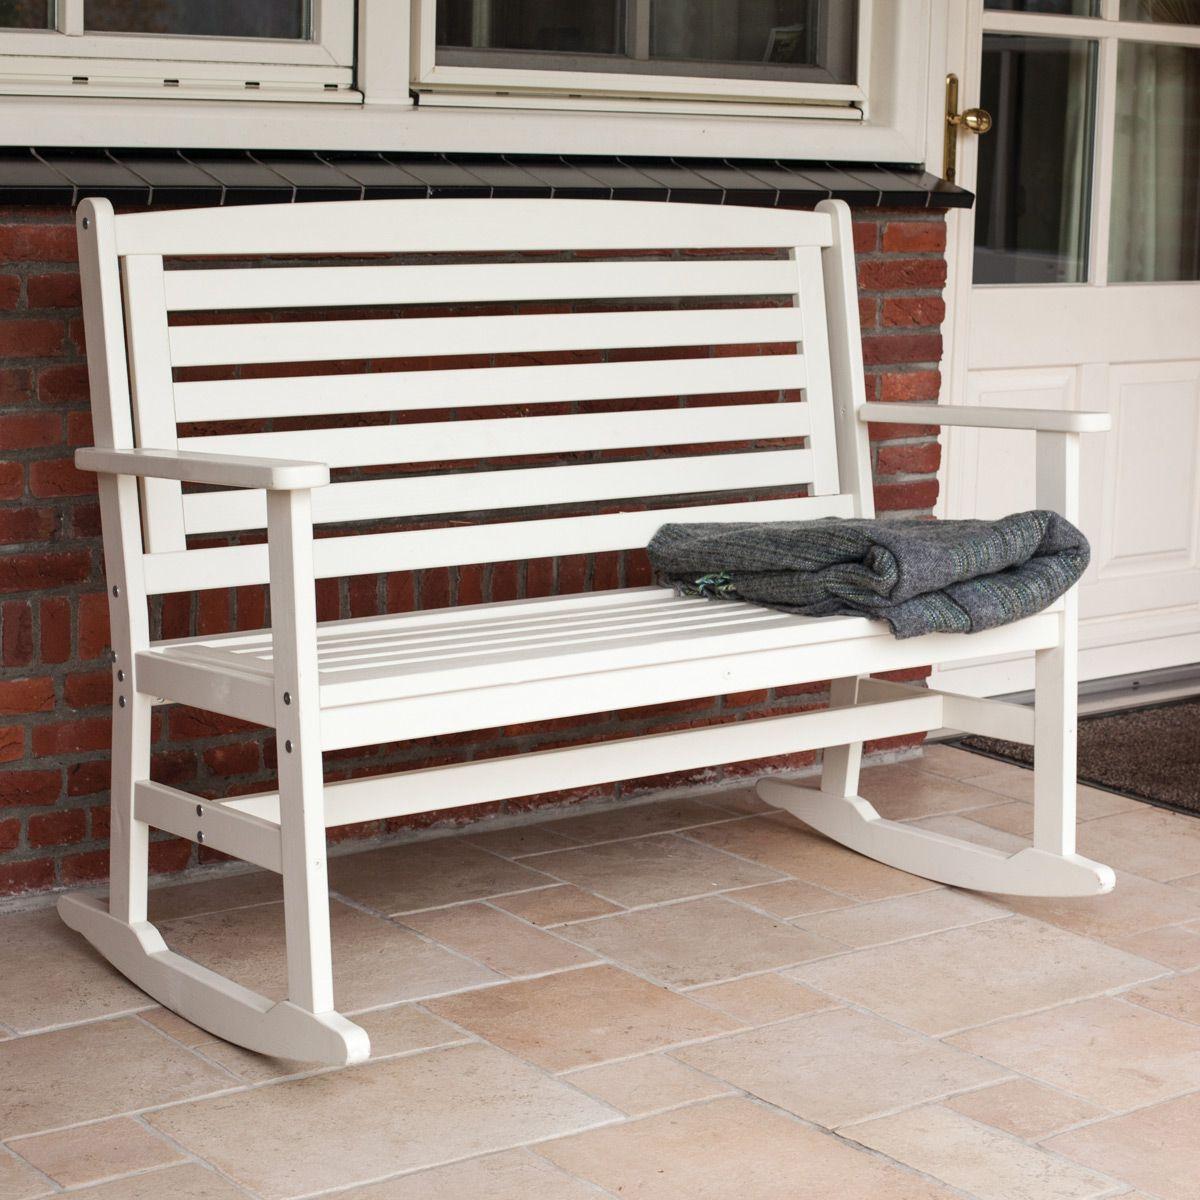 l ssige schaukelbank f r drinnen und drau en garden. Black Bedroom Furniture Sets. Home Design Ideas